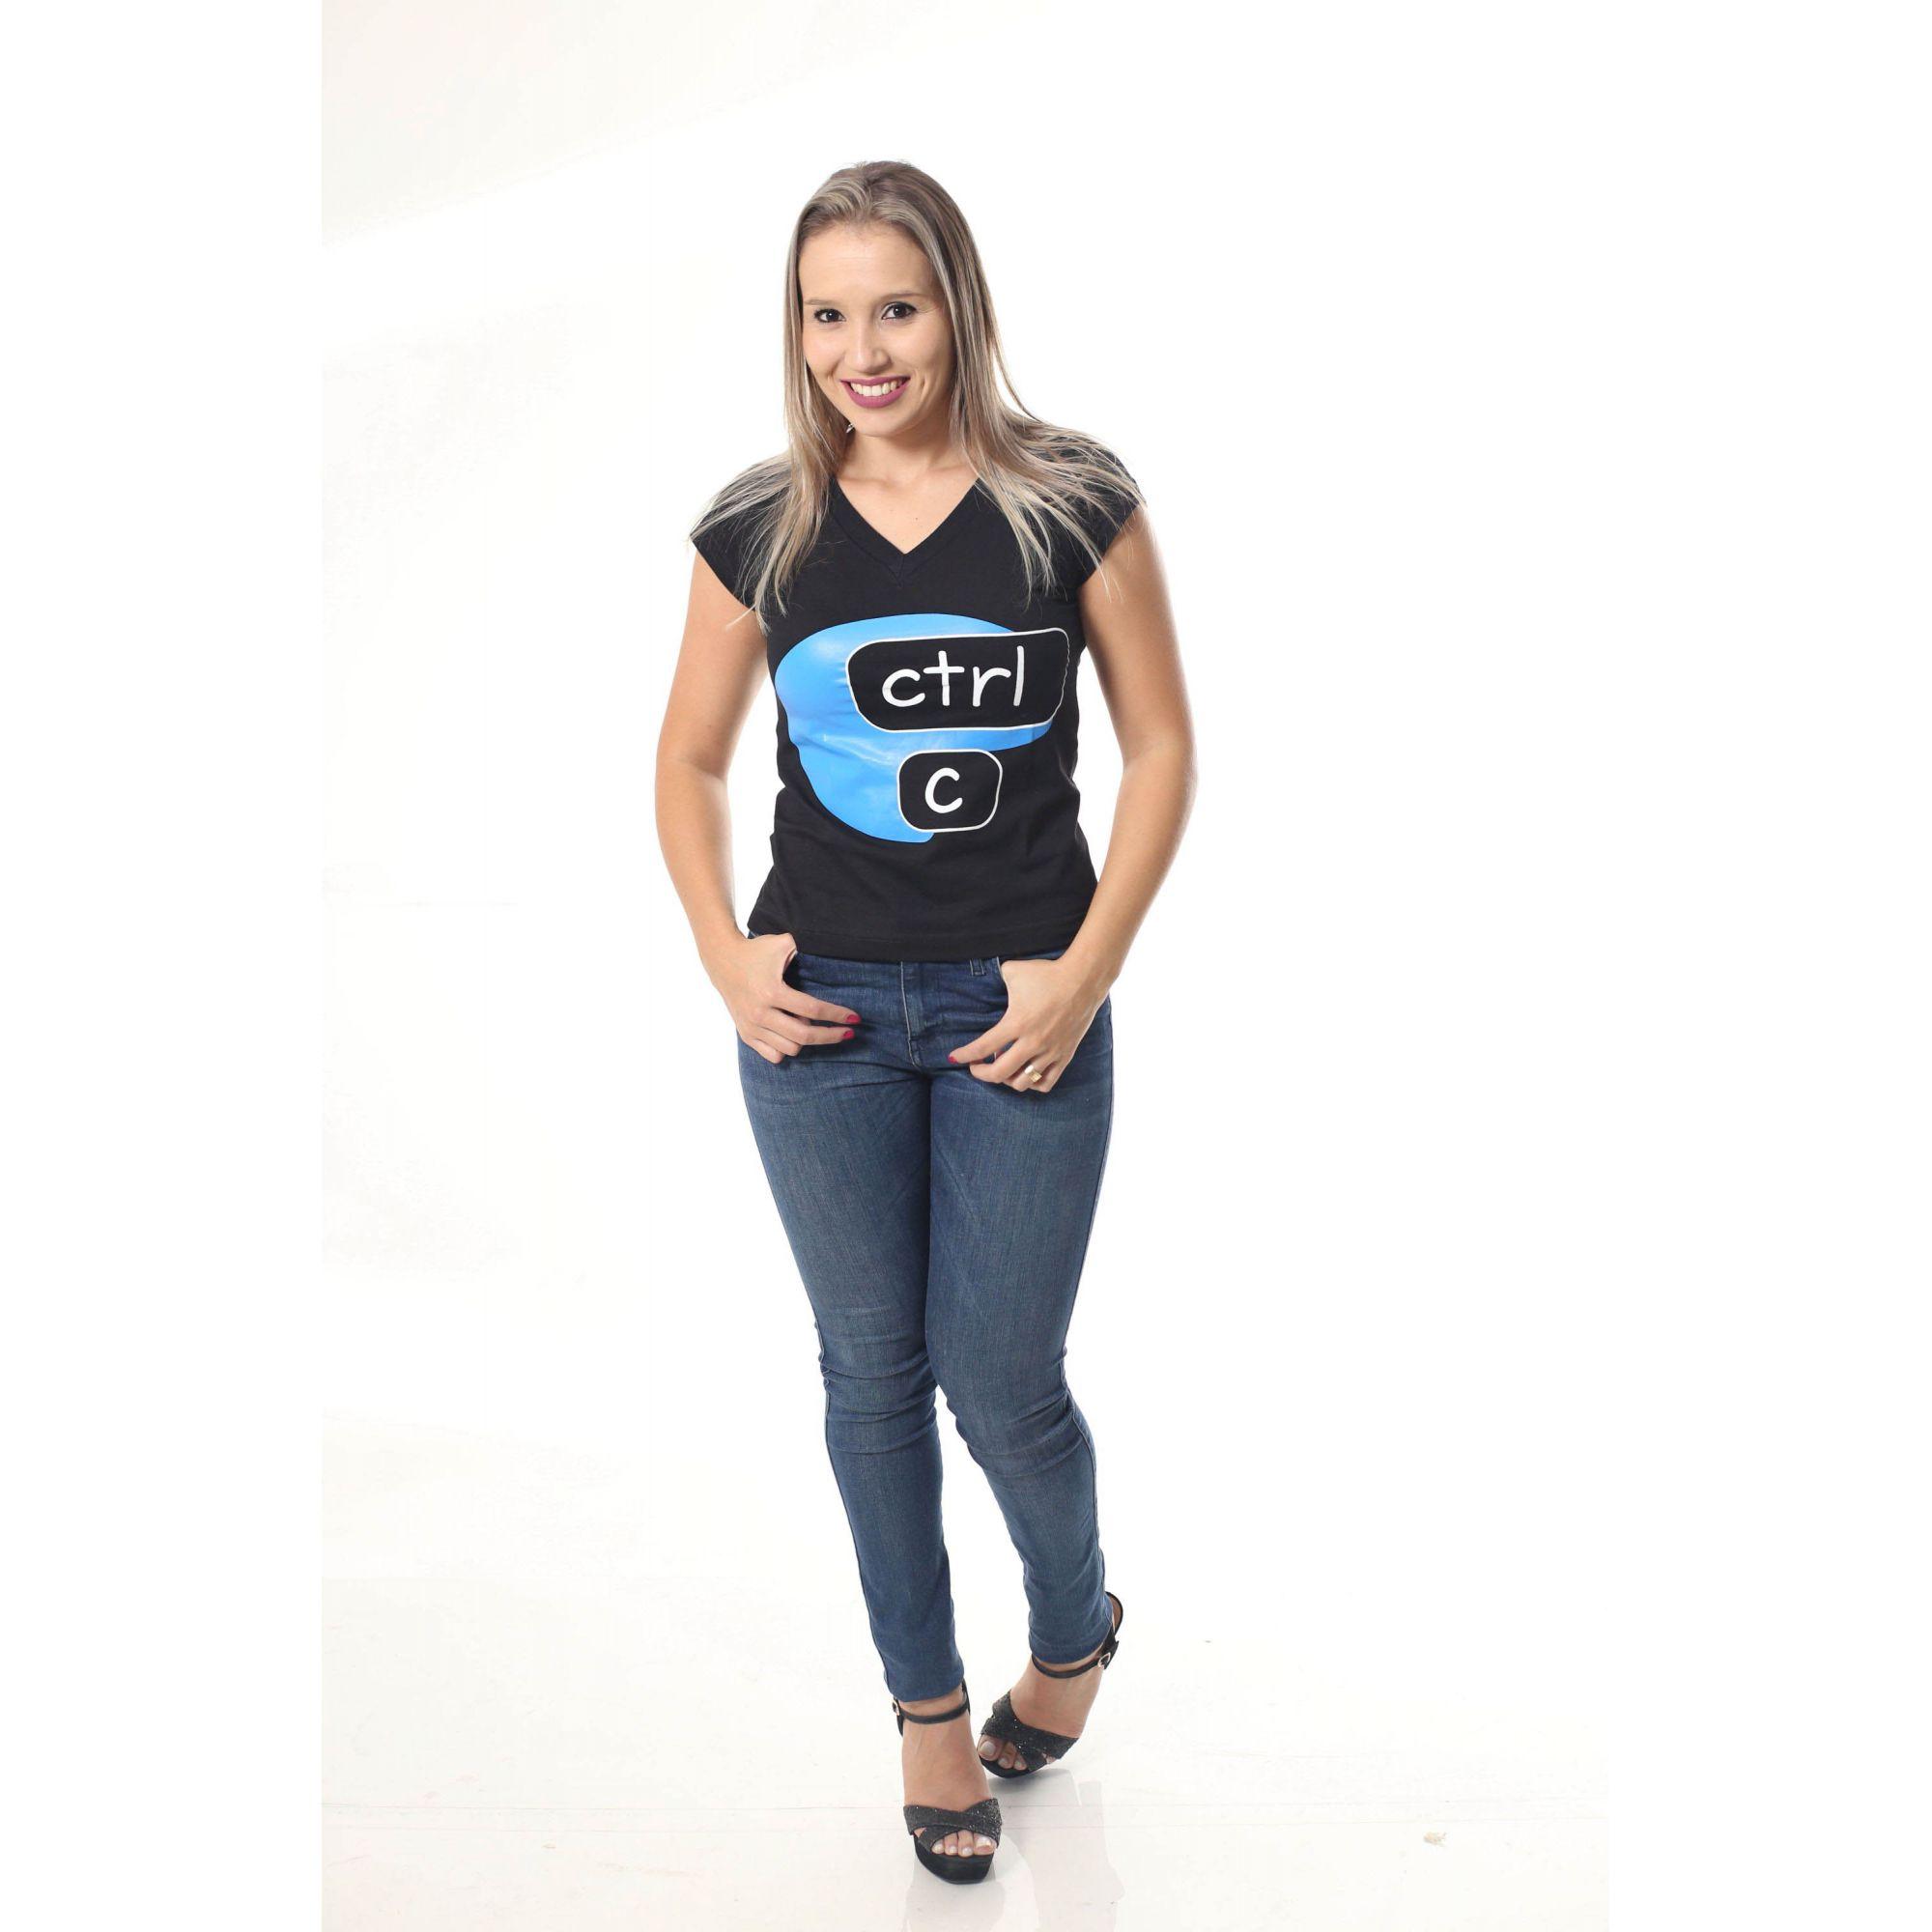 PAIS E FILHOS > Kit 3 Camisetas Pretas CTRL-C & CTRL-V [Coleção Família]  - Heitor Fashion Brazil